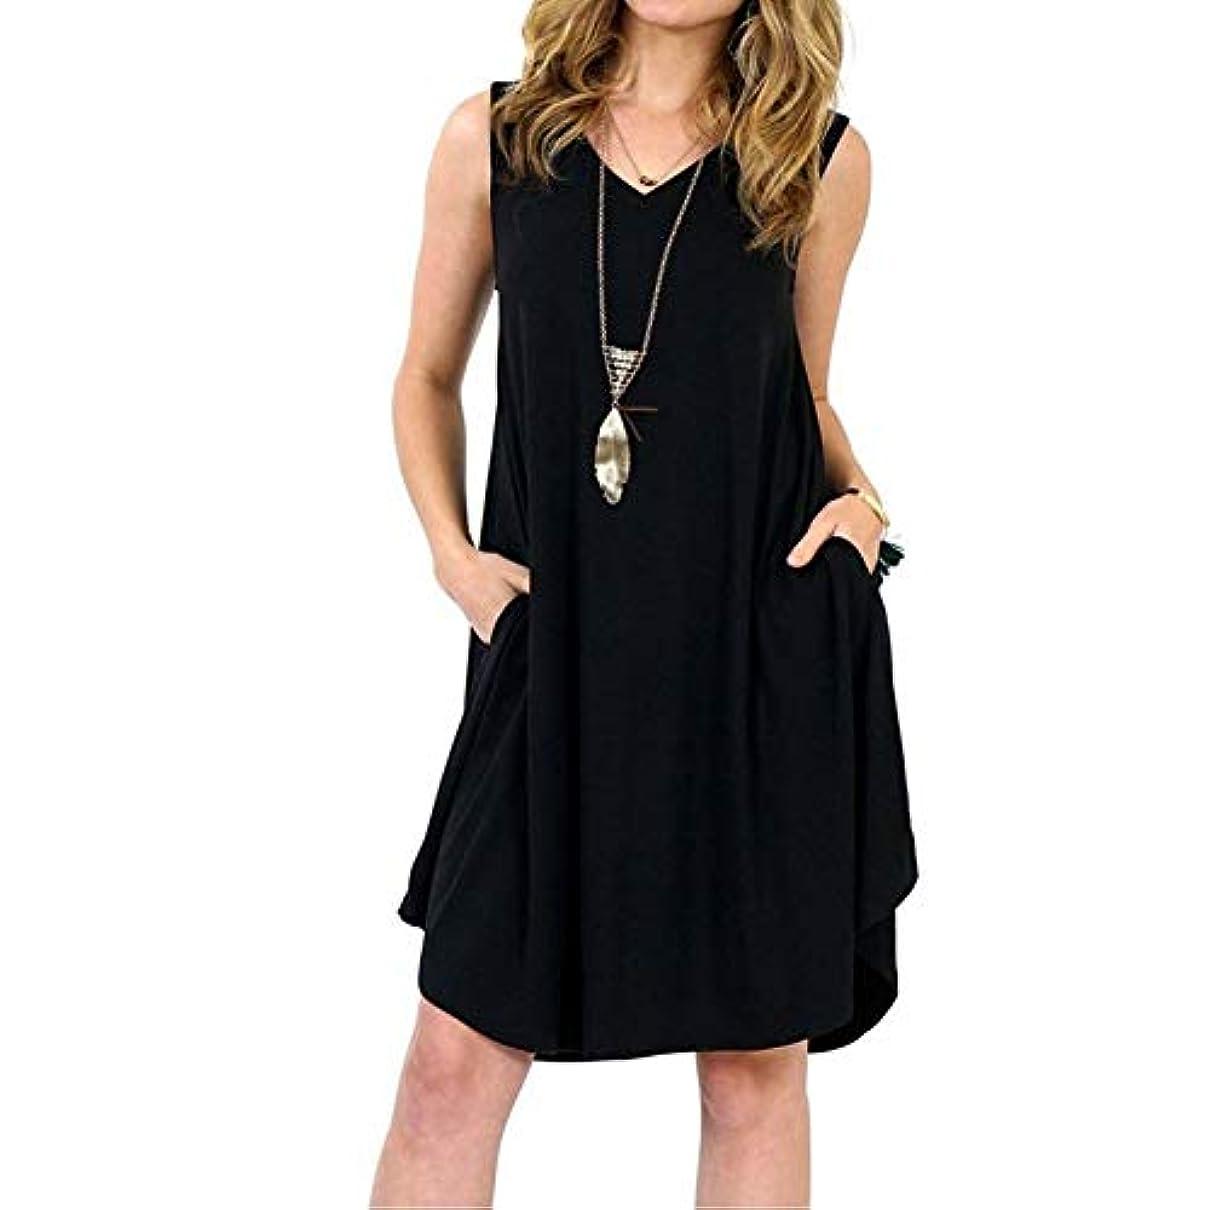 正確さ好奇心盛交じるMIFAN の女性のドレスカジュアルな不規則なドレスルースサマービーチTシャツドレス